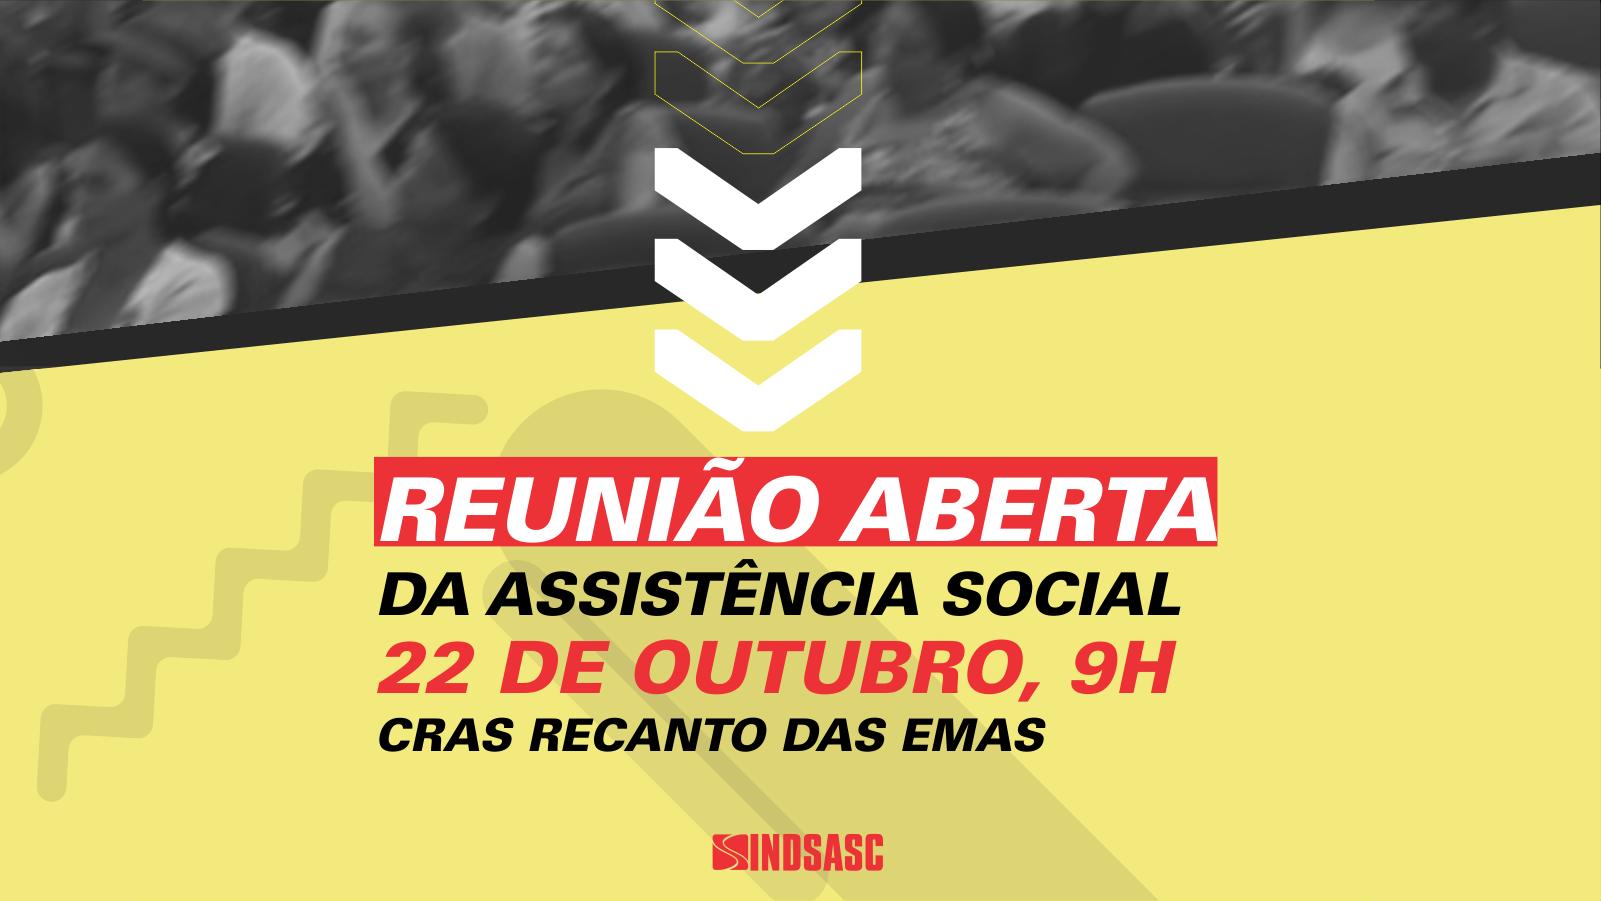 Recanto das Emas recebe próxima reunião aberta da assistência social